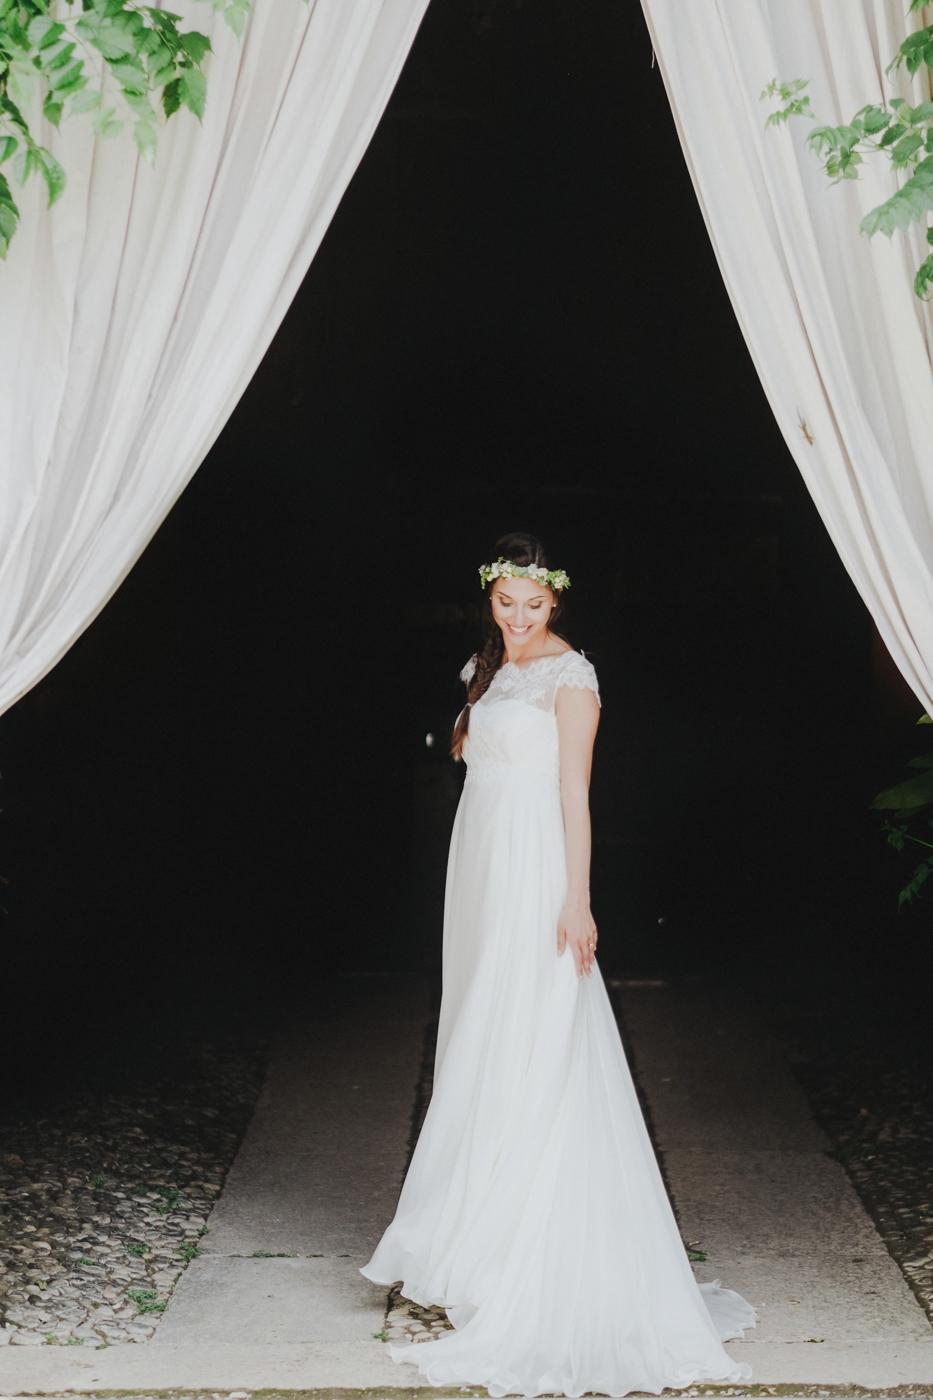 fotografo matrimonio como-100.jpg